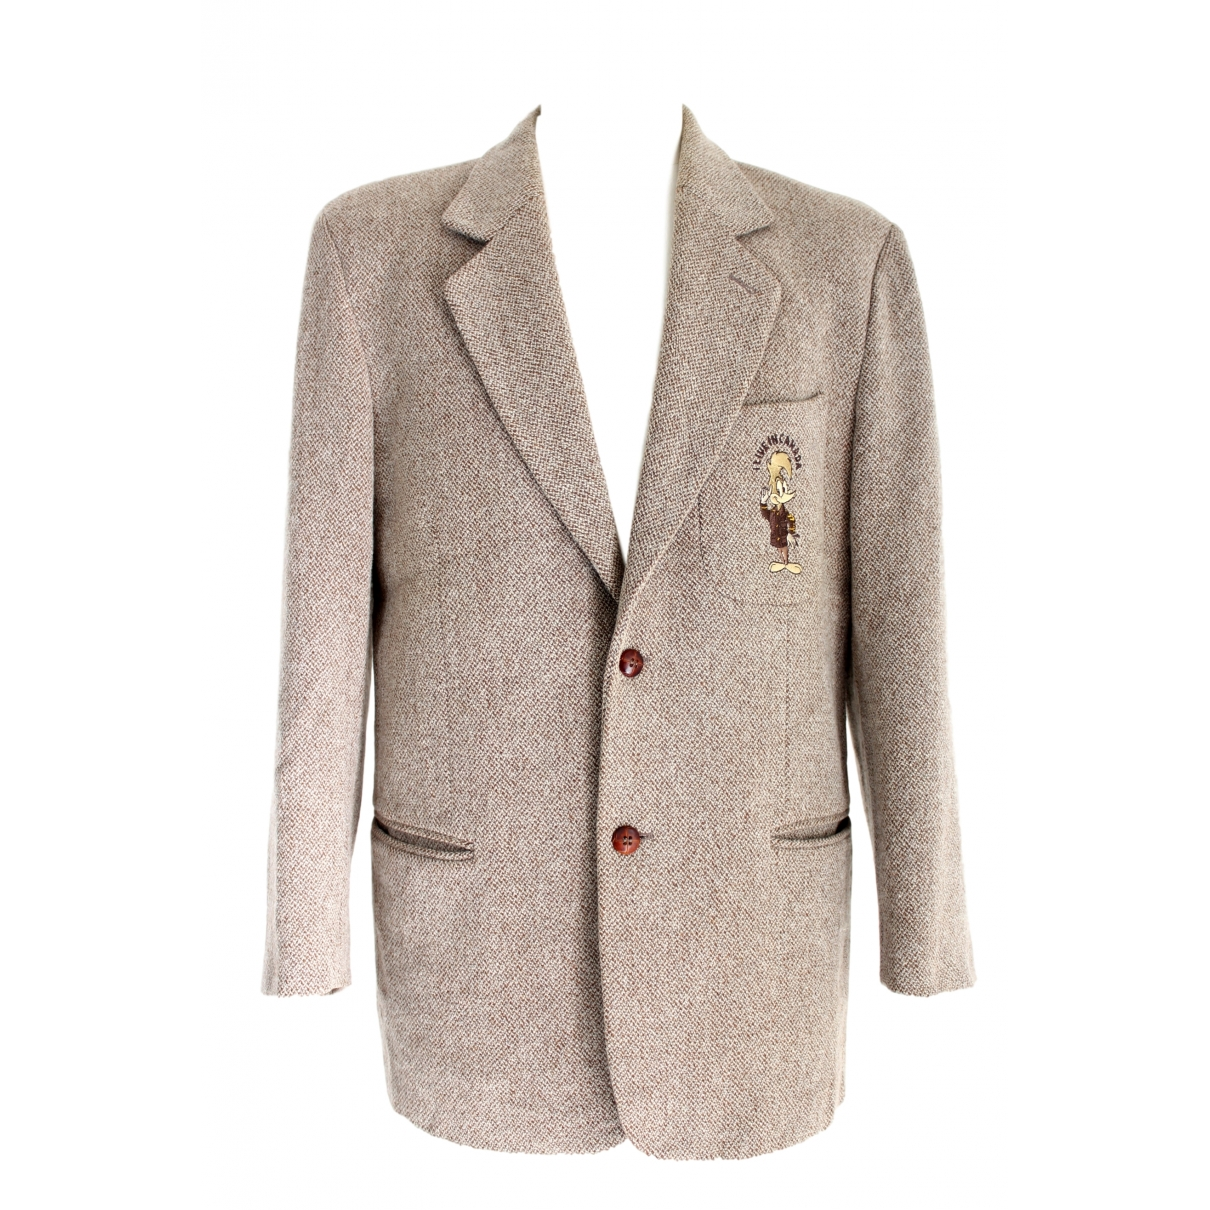 Jc De Castelbajac - Vestes.Blousons   pour homme en laine - beige